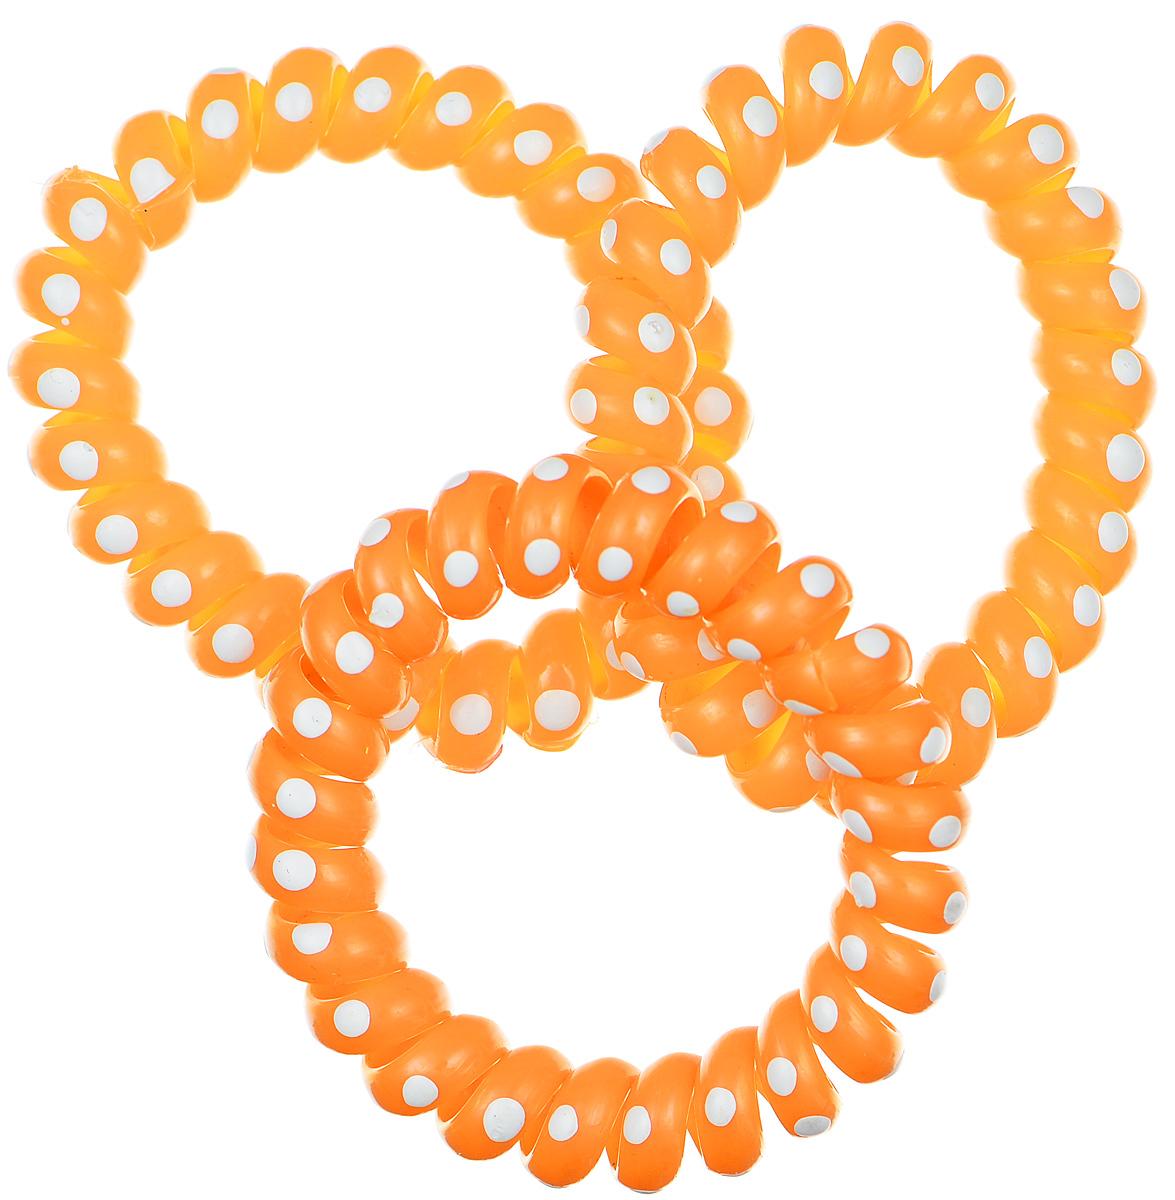 Резинка-браслетдляволос Mitya Veselkov, цвет: оранжевый, 3 шт. REZ2-LORA805792Яркие резинки-браслеты Mitya Veselkov выполнены из качественной резины и оформлены принтом в горошек. Столь необычная форма резинок дает множество преимуществ. Резинка не оставляет заломов на волосах. При длительном ношении, снимая ее, вы не почувствуете усталость волос.Оригинально смотрится на волосах. Отлично сохраняет свою форму и надежно фиксирует прическу. Не мокнет. Не травмирует волосы. В отличие от обычных резинок, нет трения, зажимов отдельных волосков или прядей.Также их можно использовать как стильные браслеты.